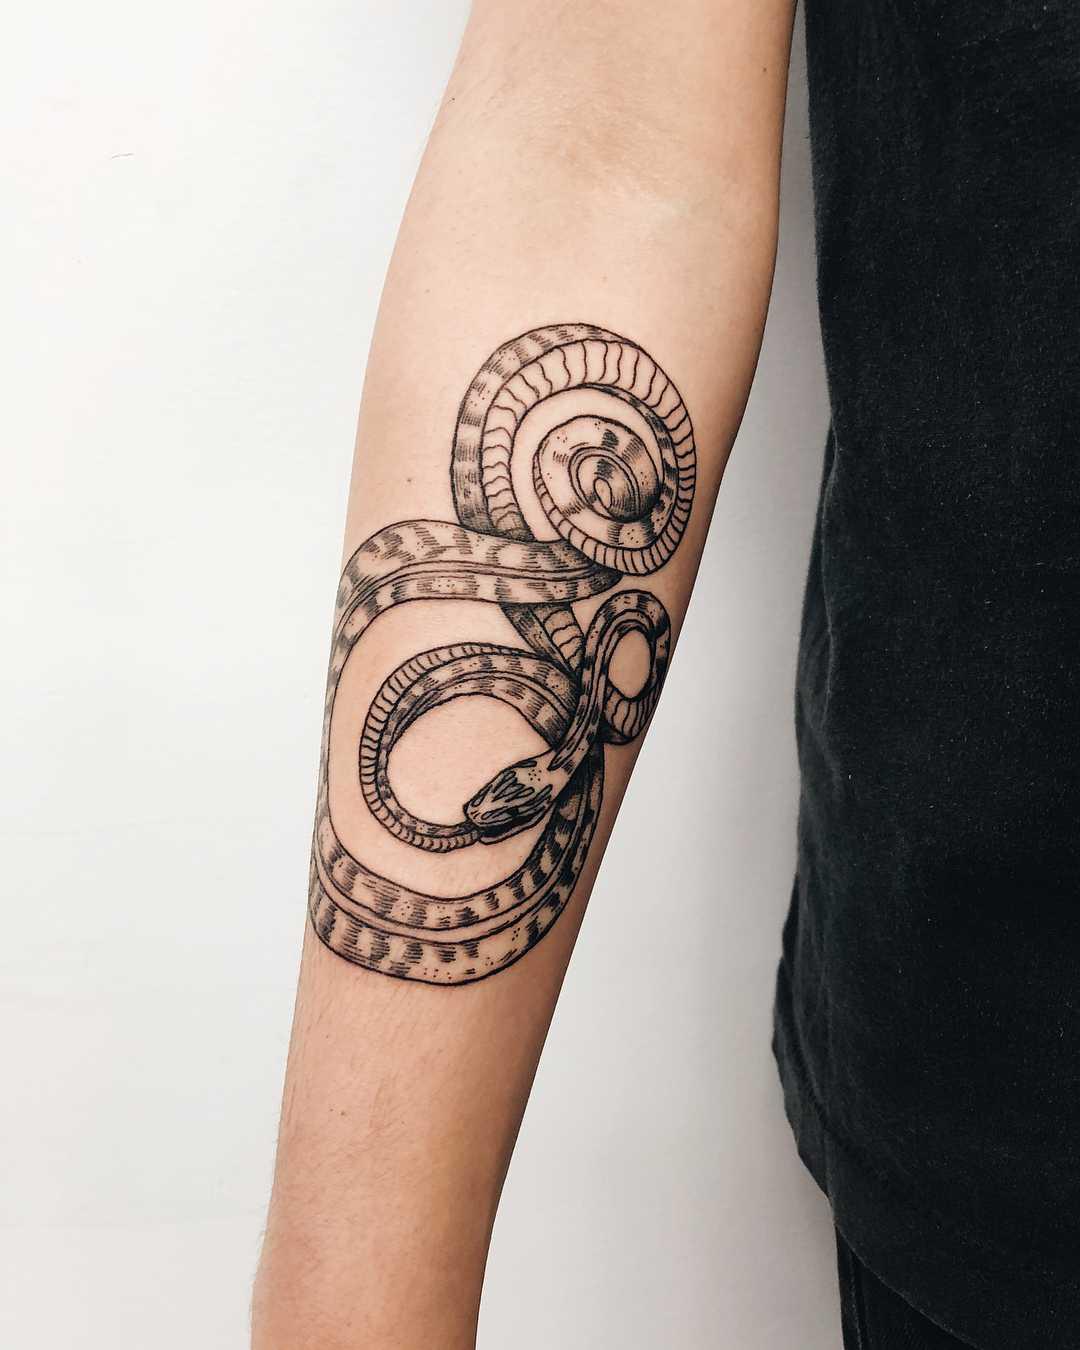 Snake tattoo on a forearm by Finley Jordan